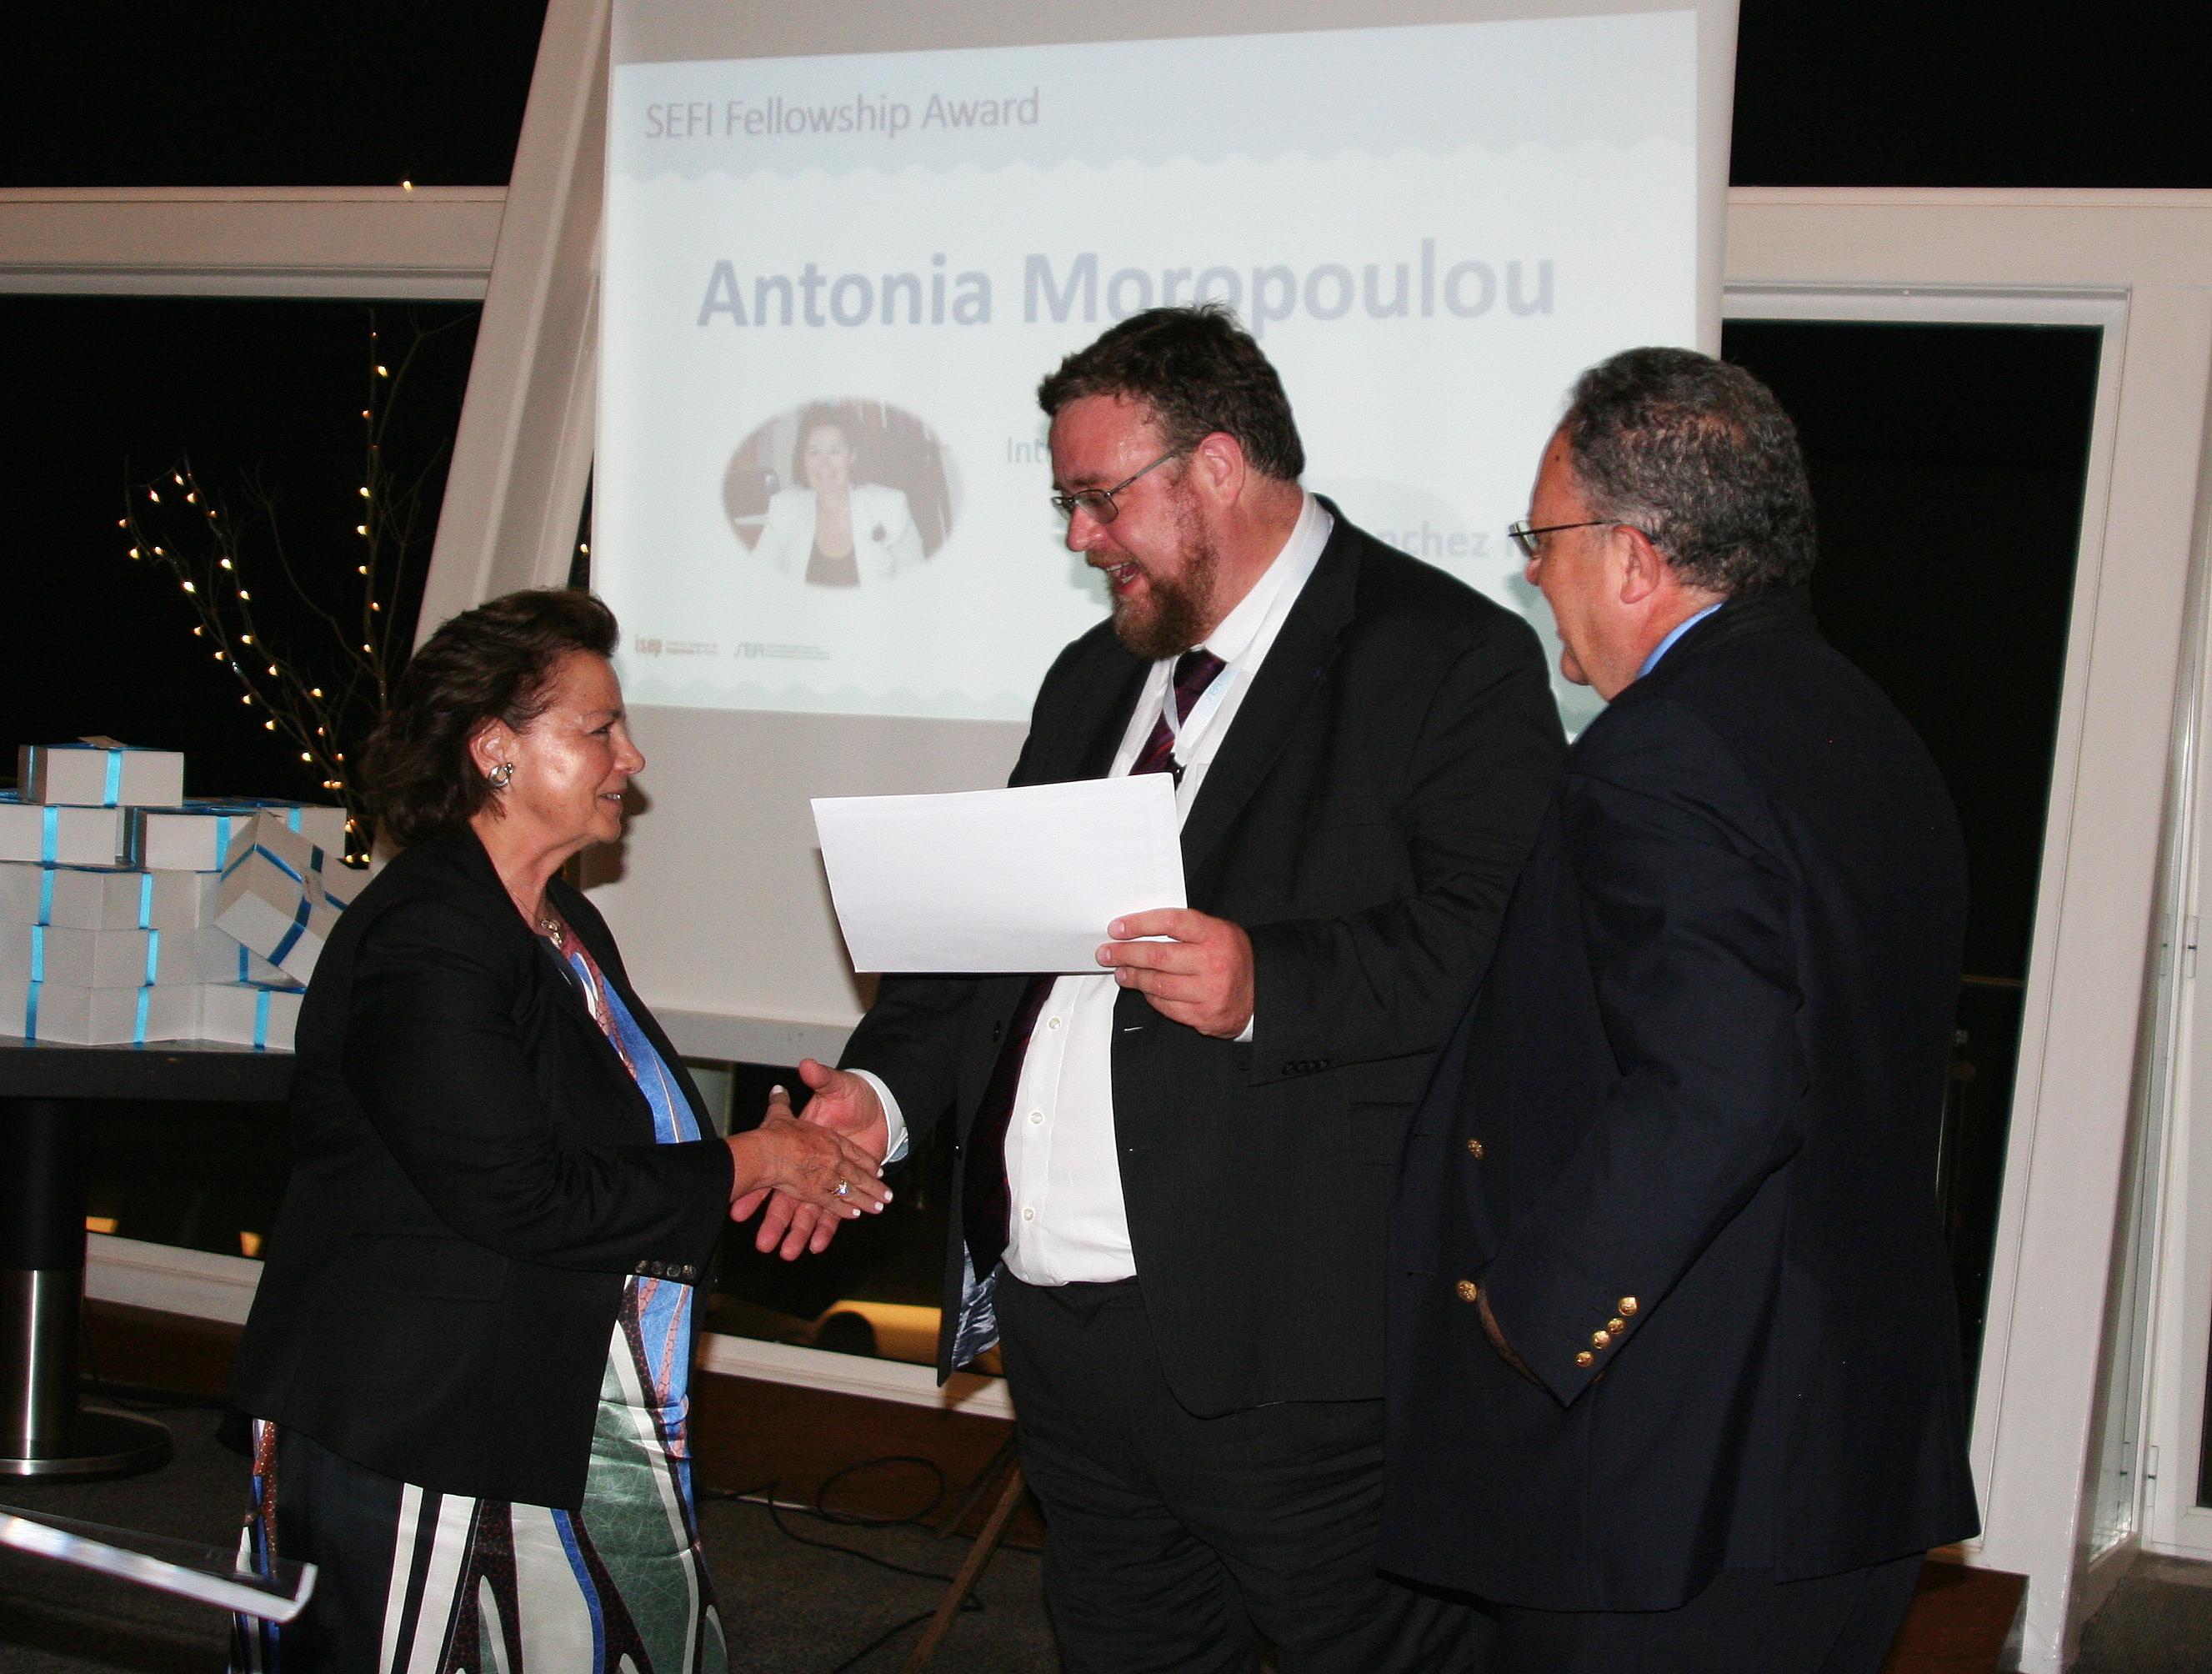 SEFI Fellowship Award: Antonia Moropoulou